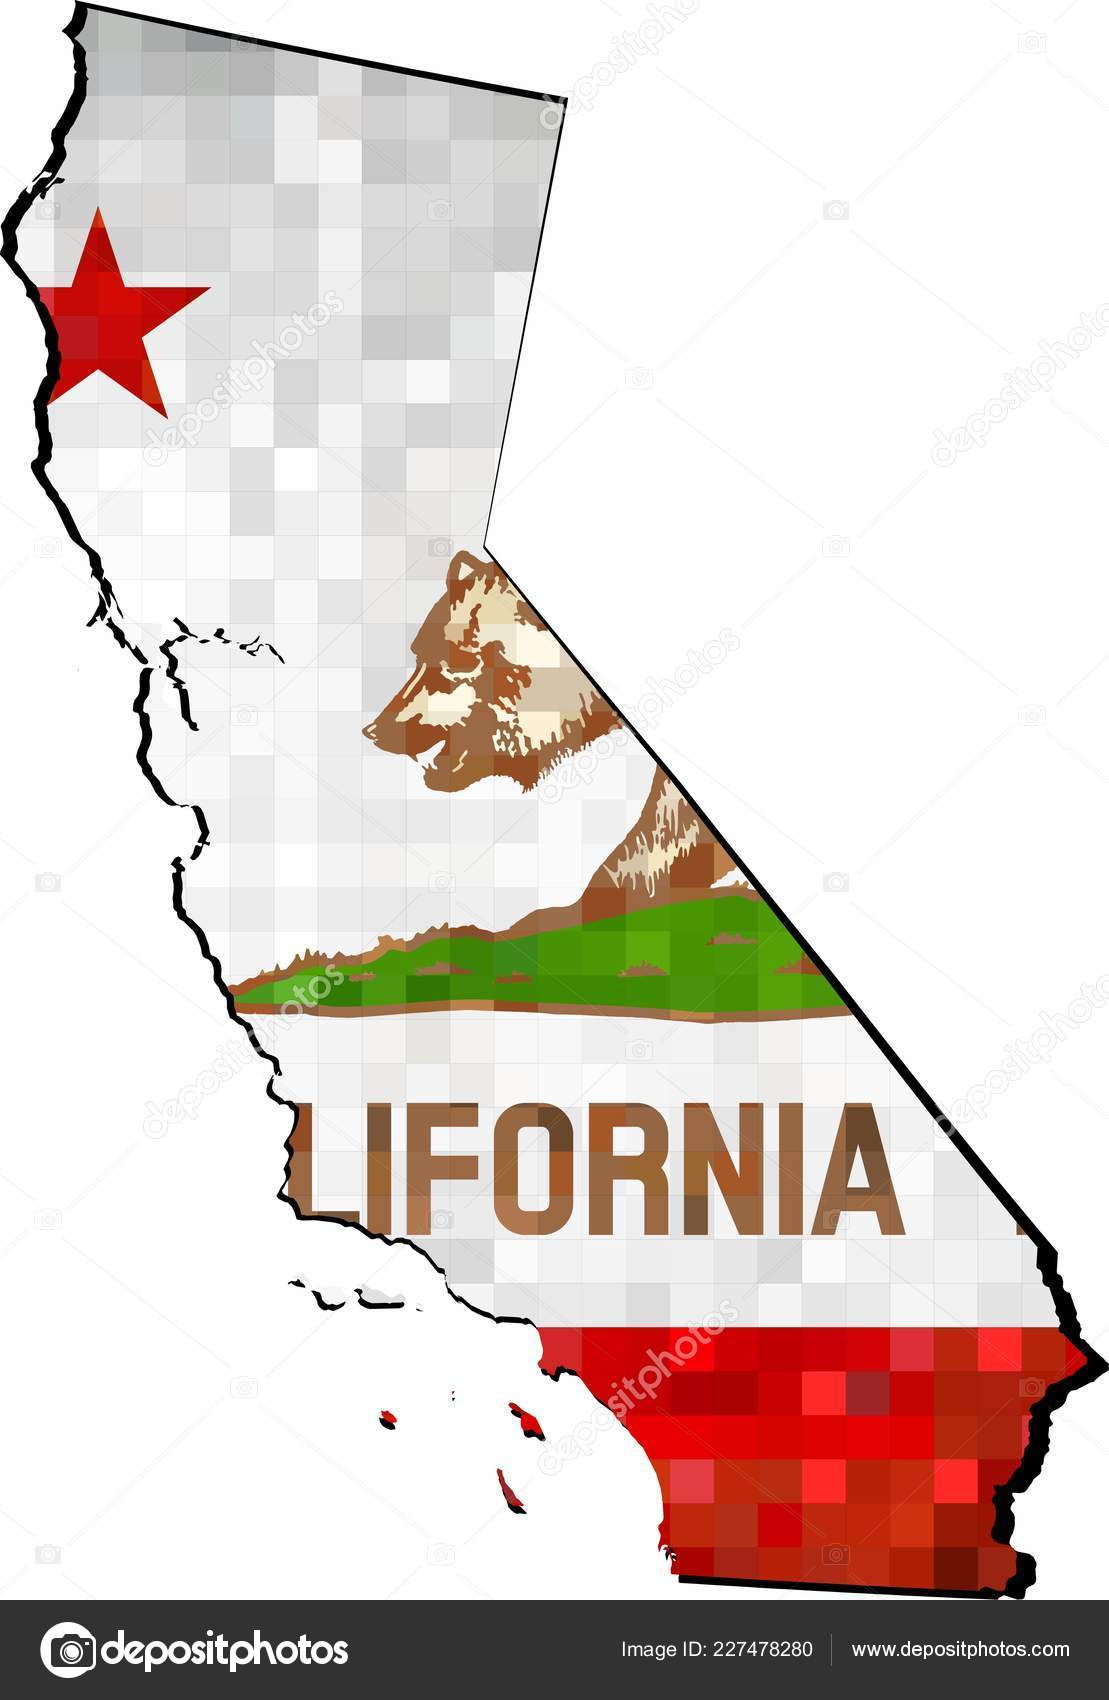 Kalifornien Karte.Grunge California Karte Mit Fahne Innen Illustration Karte Von